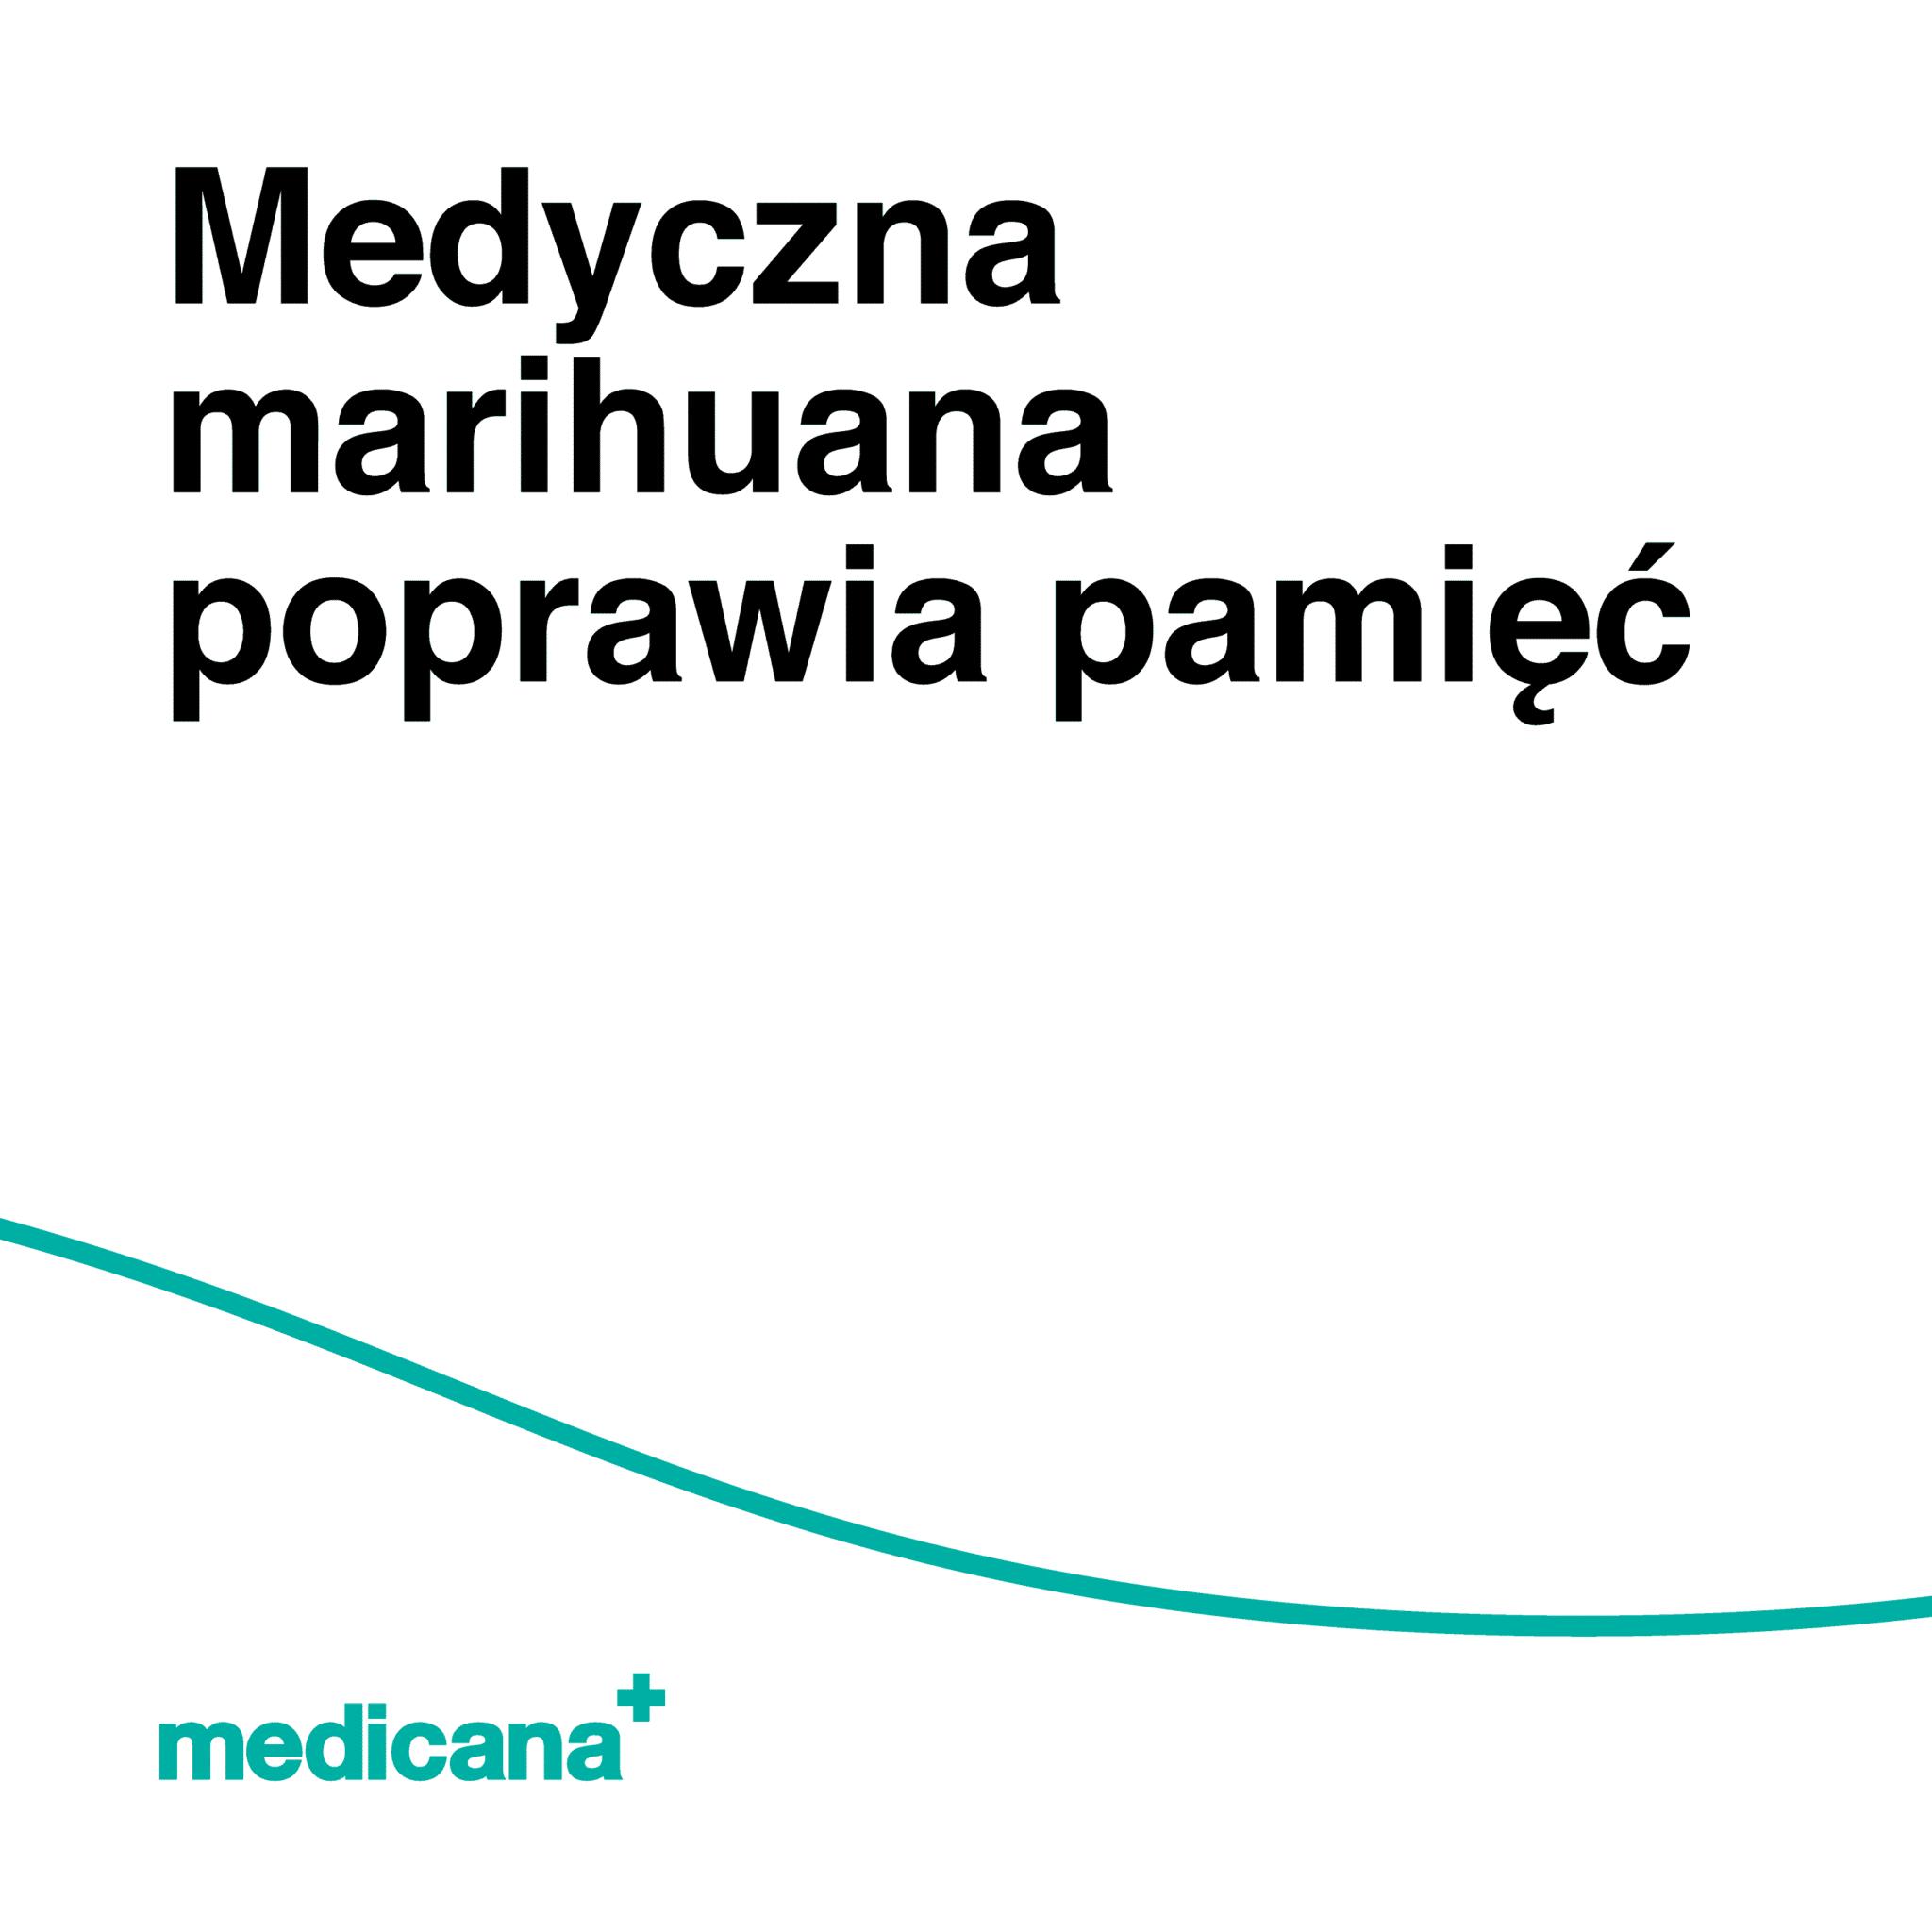 Grafika, białe tło z zieloną linią, czarnym napisem Medyczna marihuana poprawia pamięć oraz zielonym logo Medicana w lewym dolnym rogu.